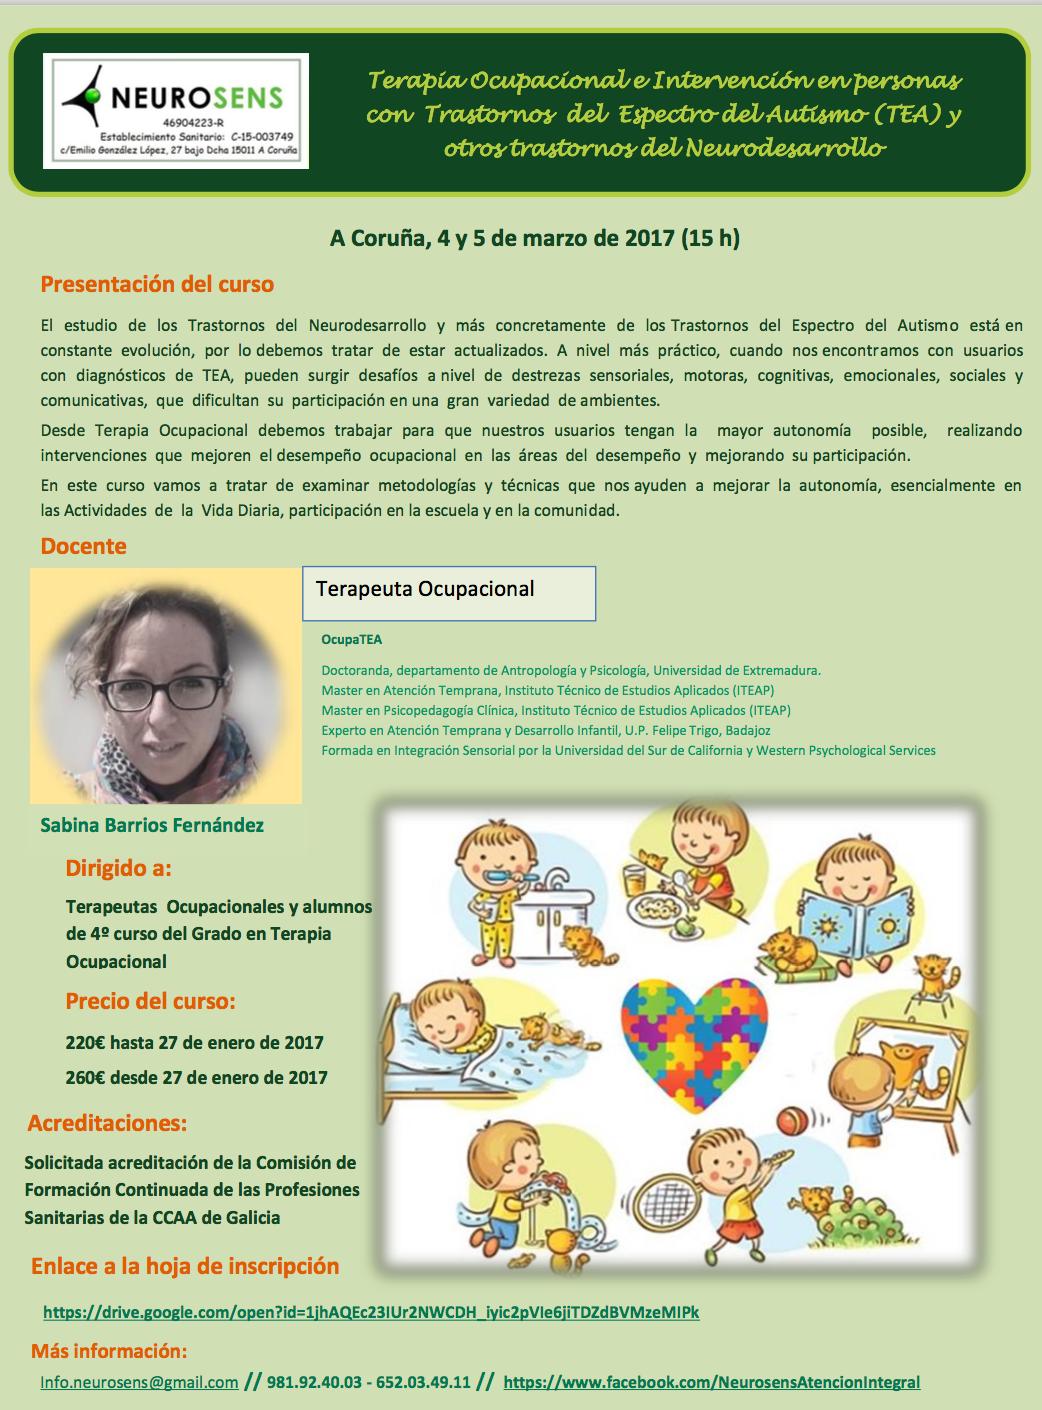 Terapia Ocupacional en personas con TEA y otros trastornos del Neurodesarrollo @ Neurosens